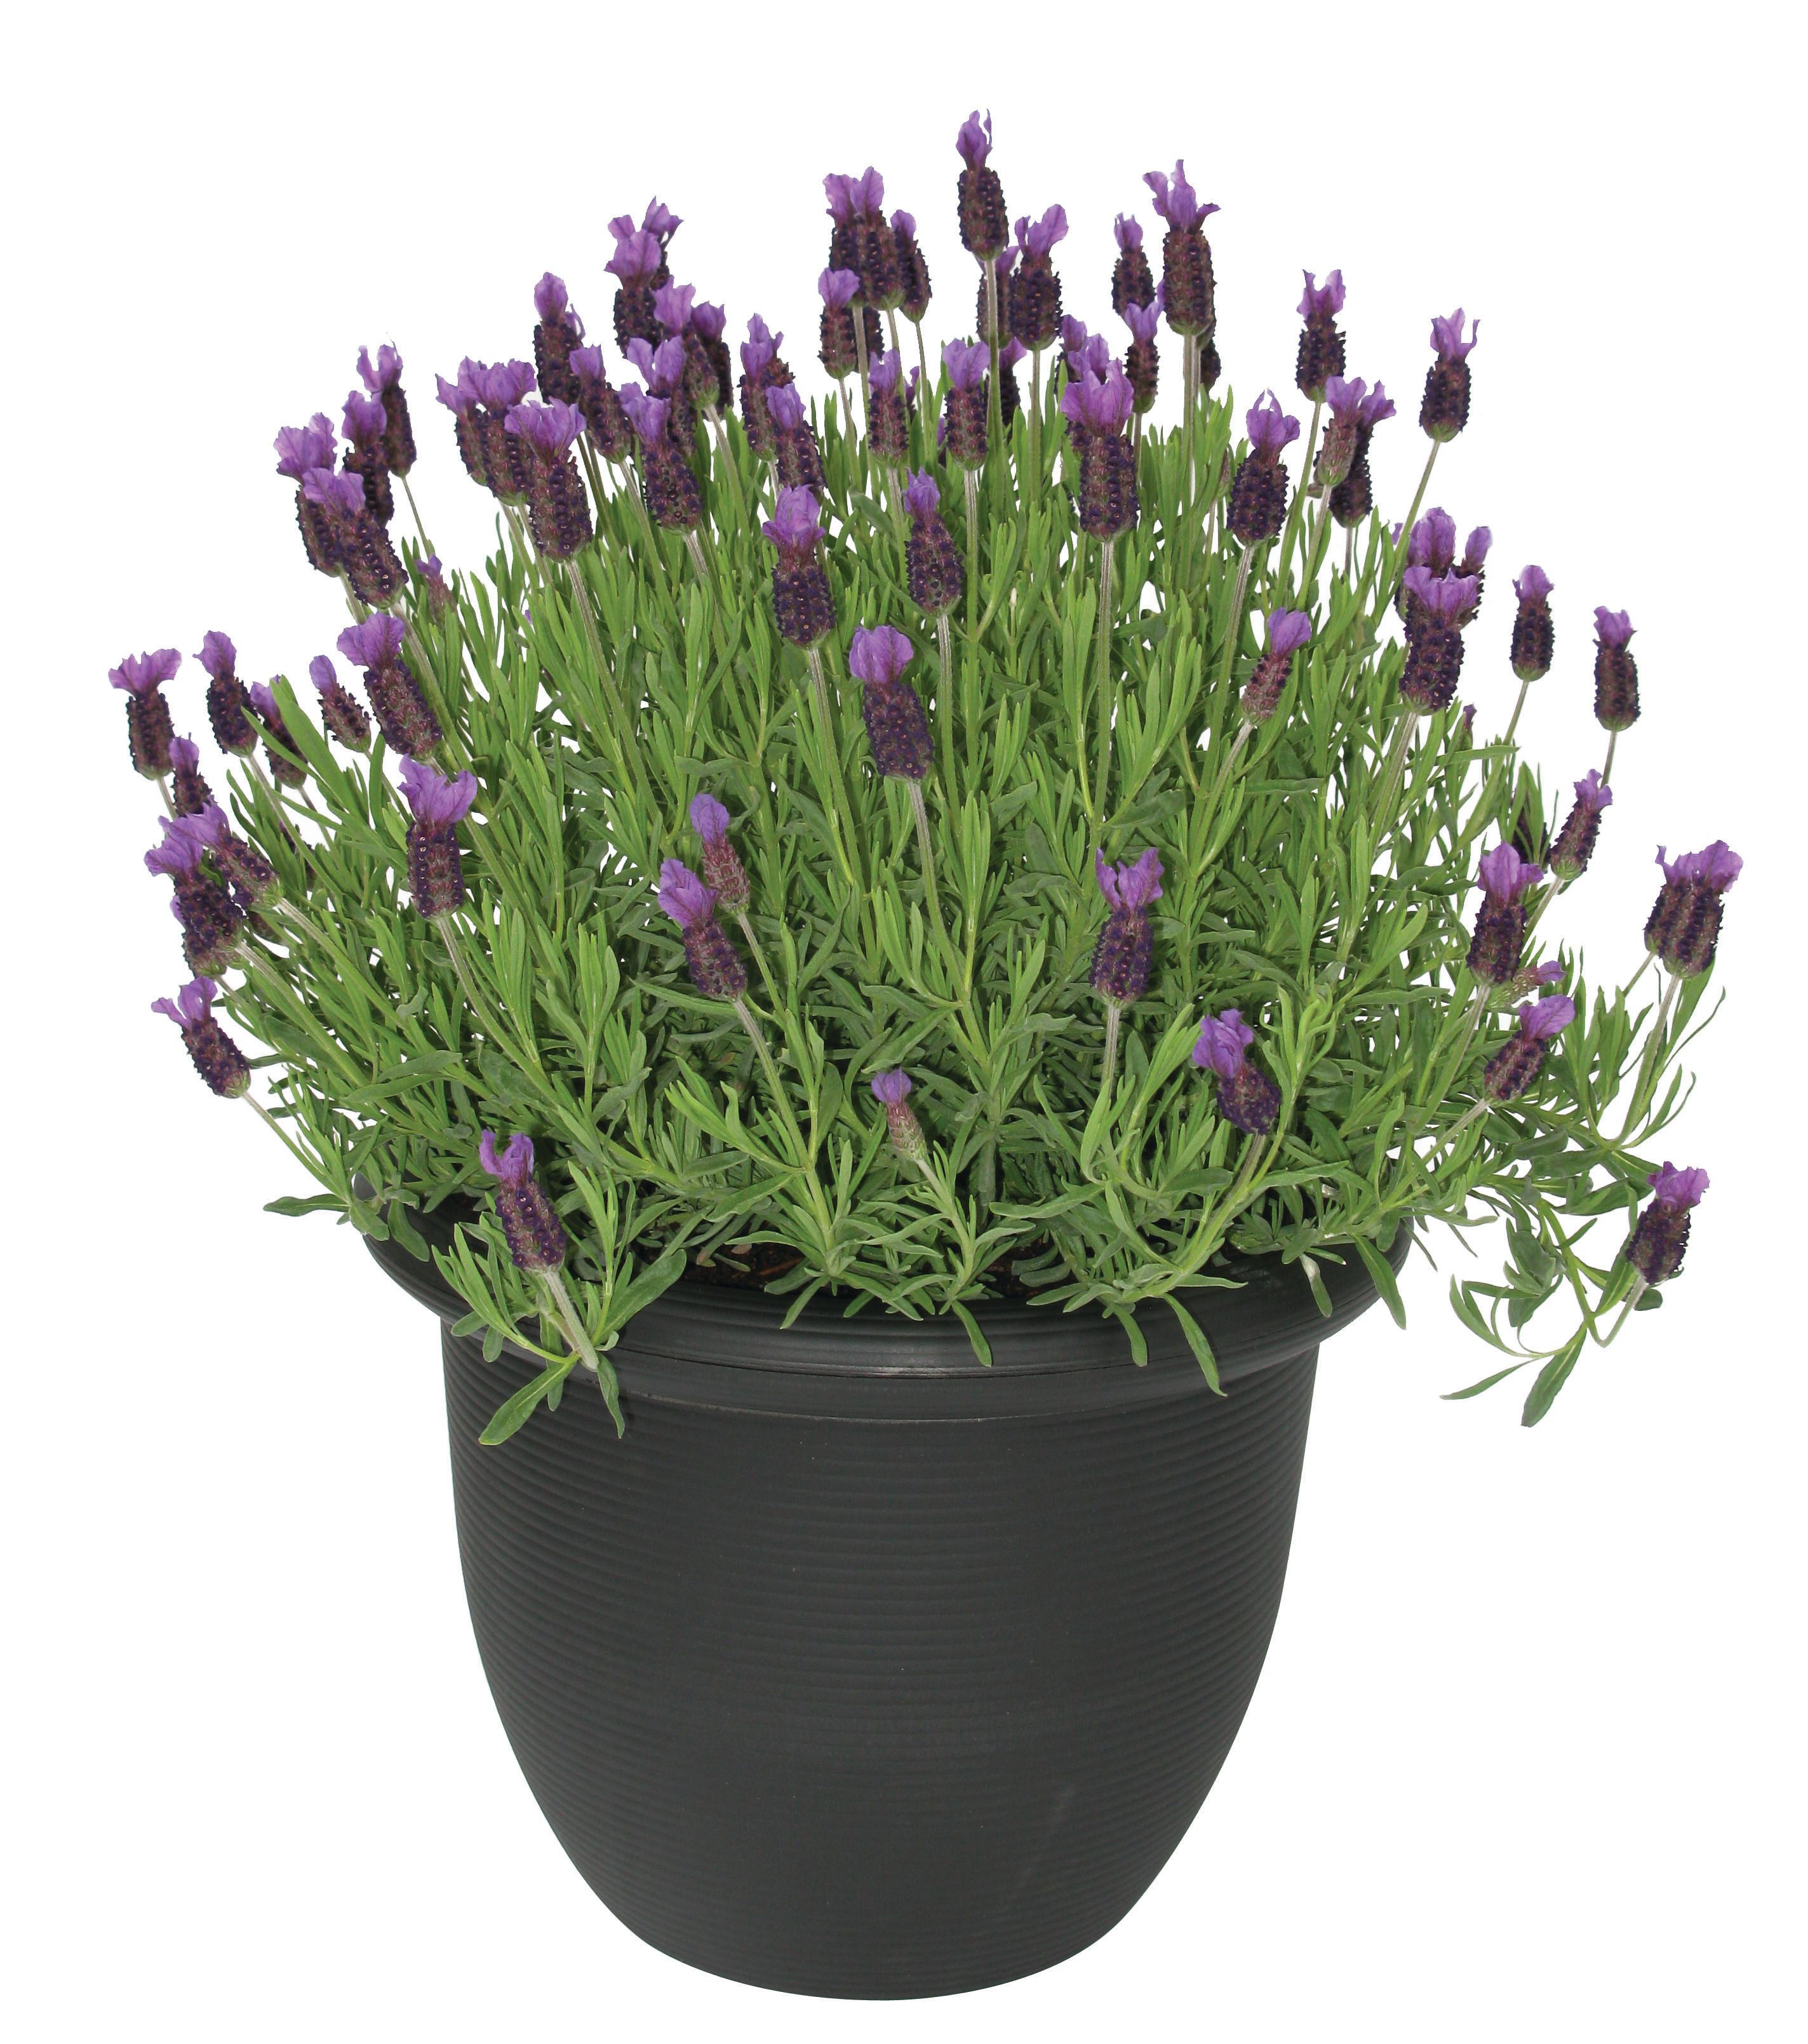 Lavender Shrub